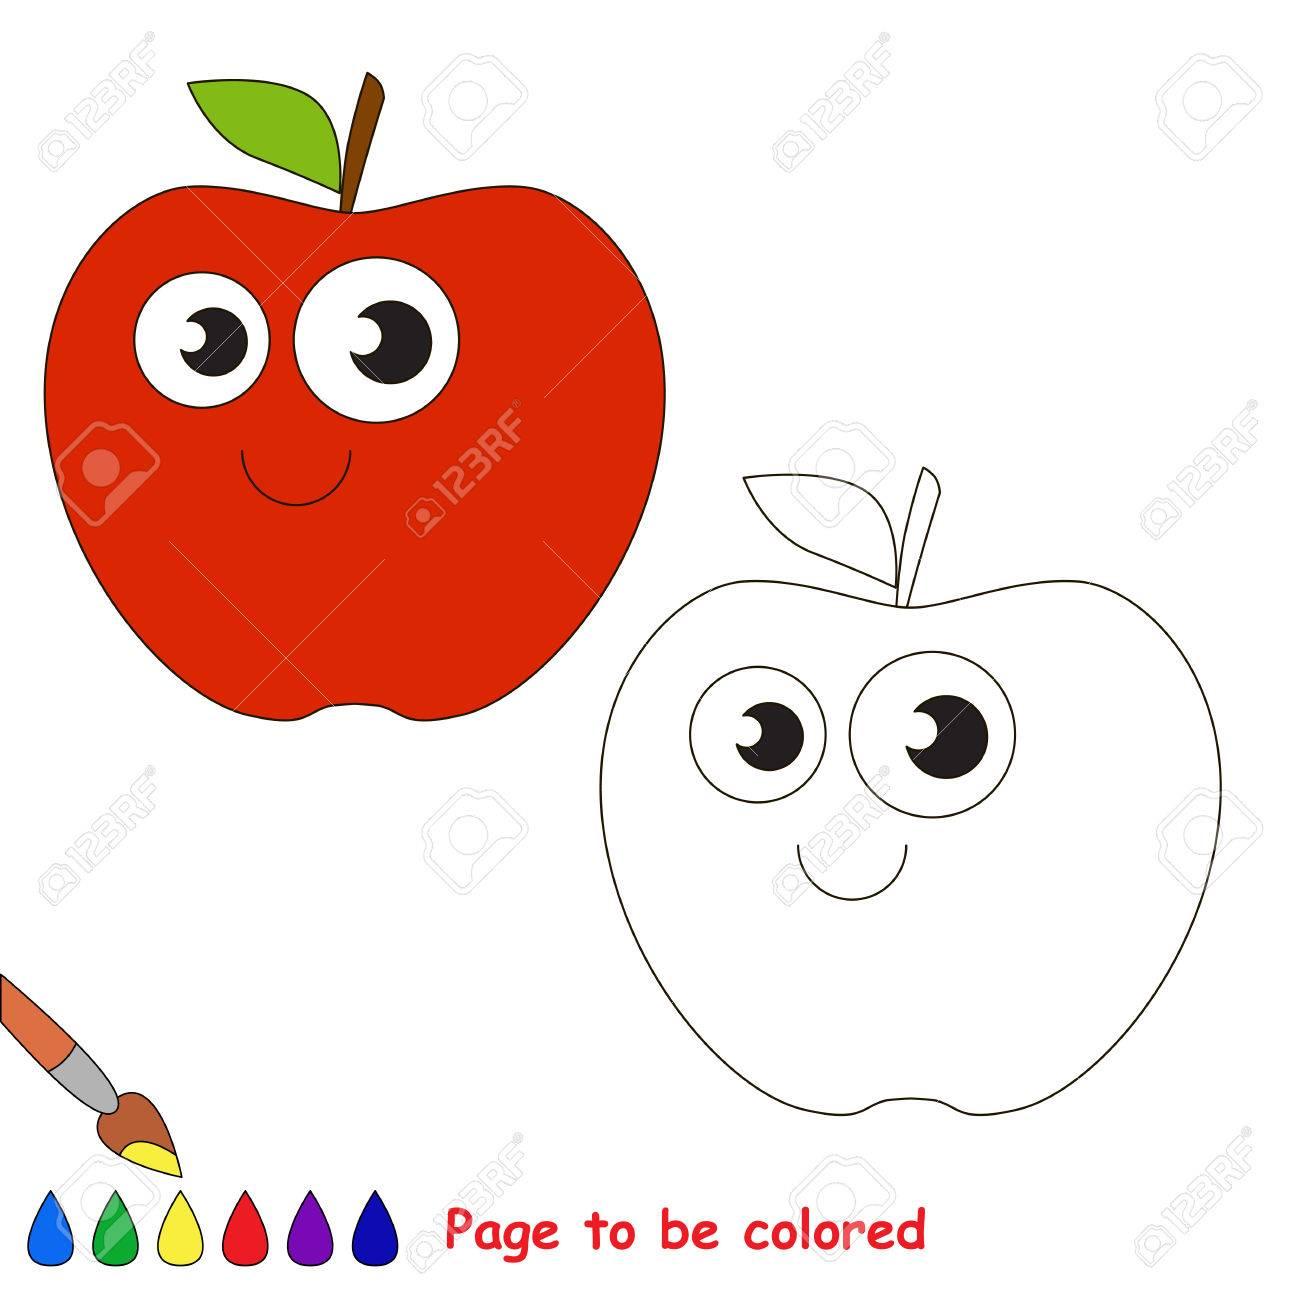 Apple Para Ser Coloreado Libro De Colorante Para Educar A Los Ninos